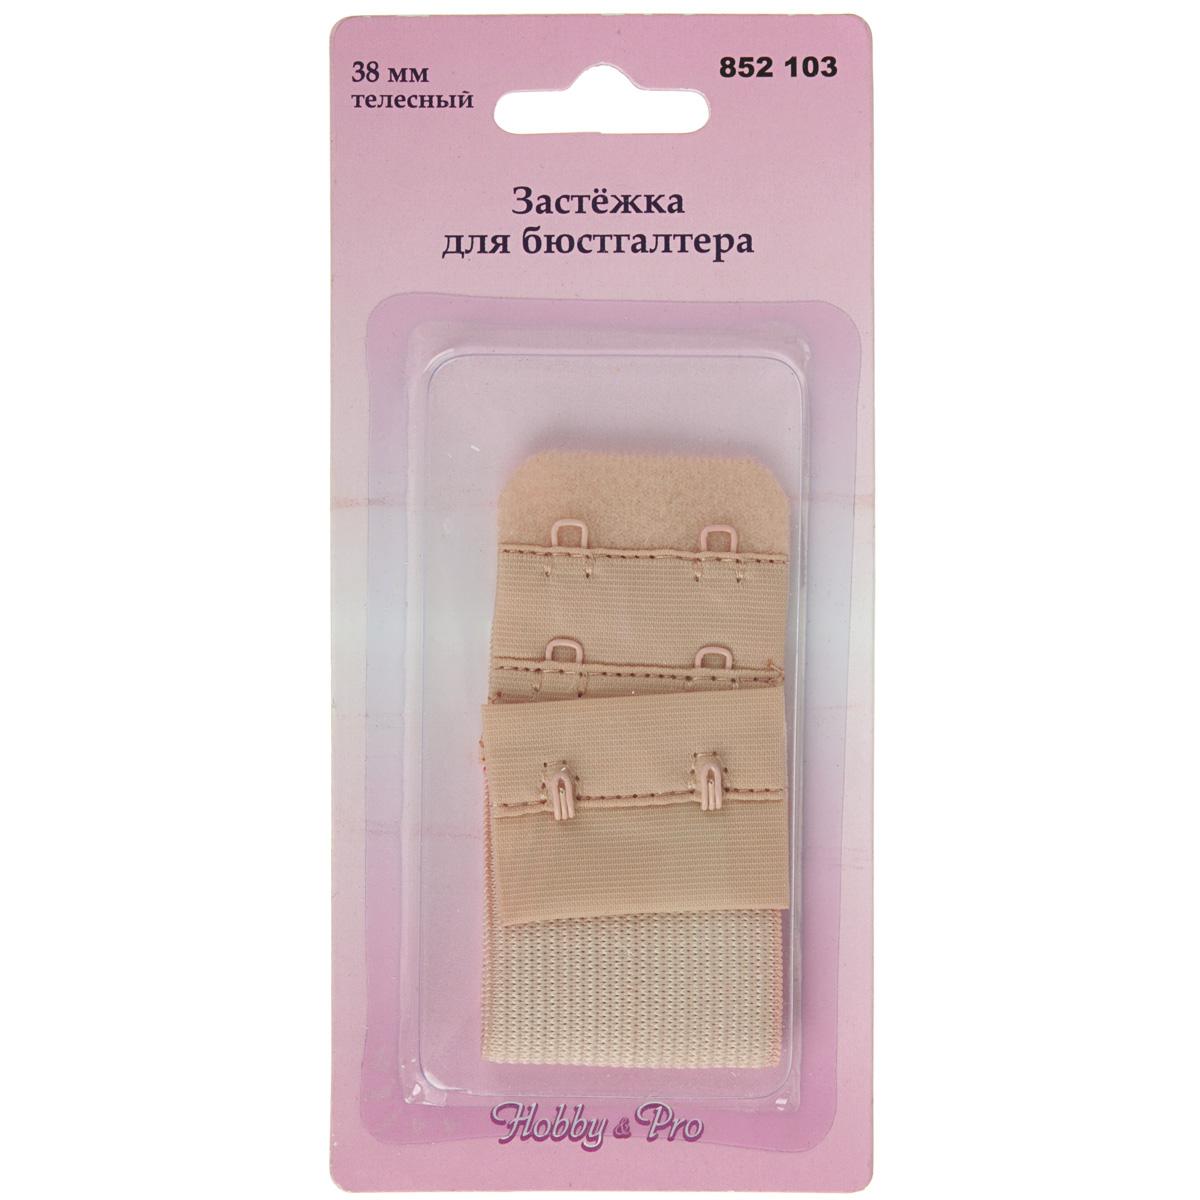 Застежка для бюстгальтера Hobby & Pro, цвет: телесный, ширина 3,8 см7700513Застежка для бюстгальтера Hobby & Pro изготовлена из эластичного тянущегося текстиля. Изделие оснащено двумя металлическими крючками и предназначено для изготовления или ремонта бюстгальтеров. Застежка с защитой для кожи удобна при носке и не заметна под одеждой.